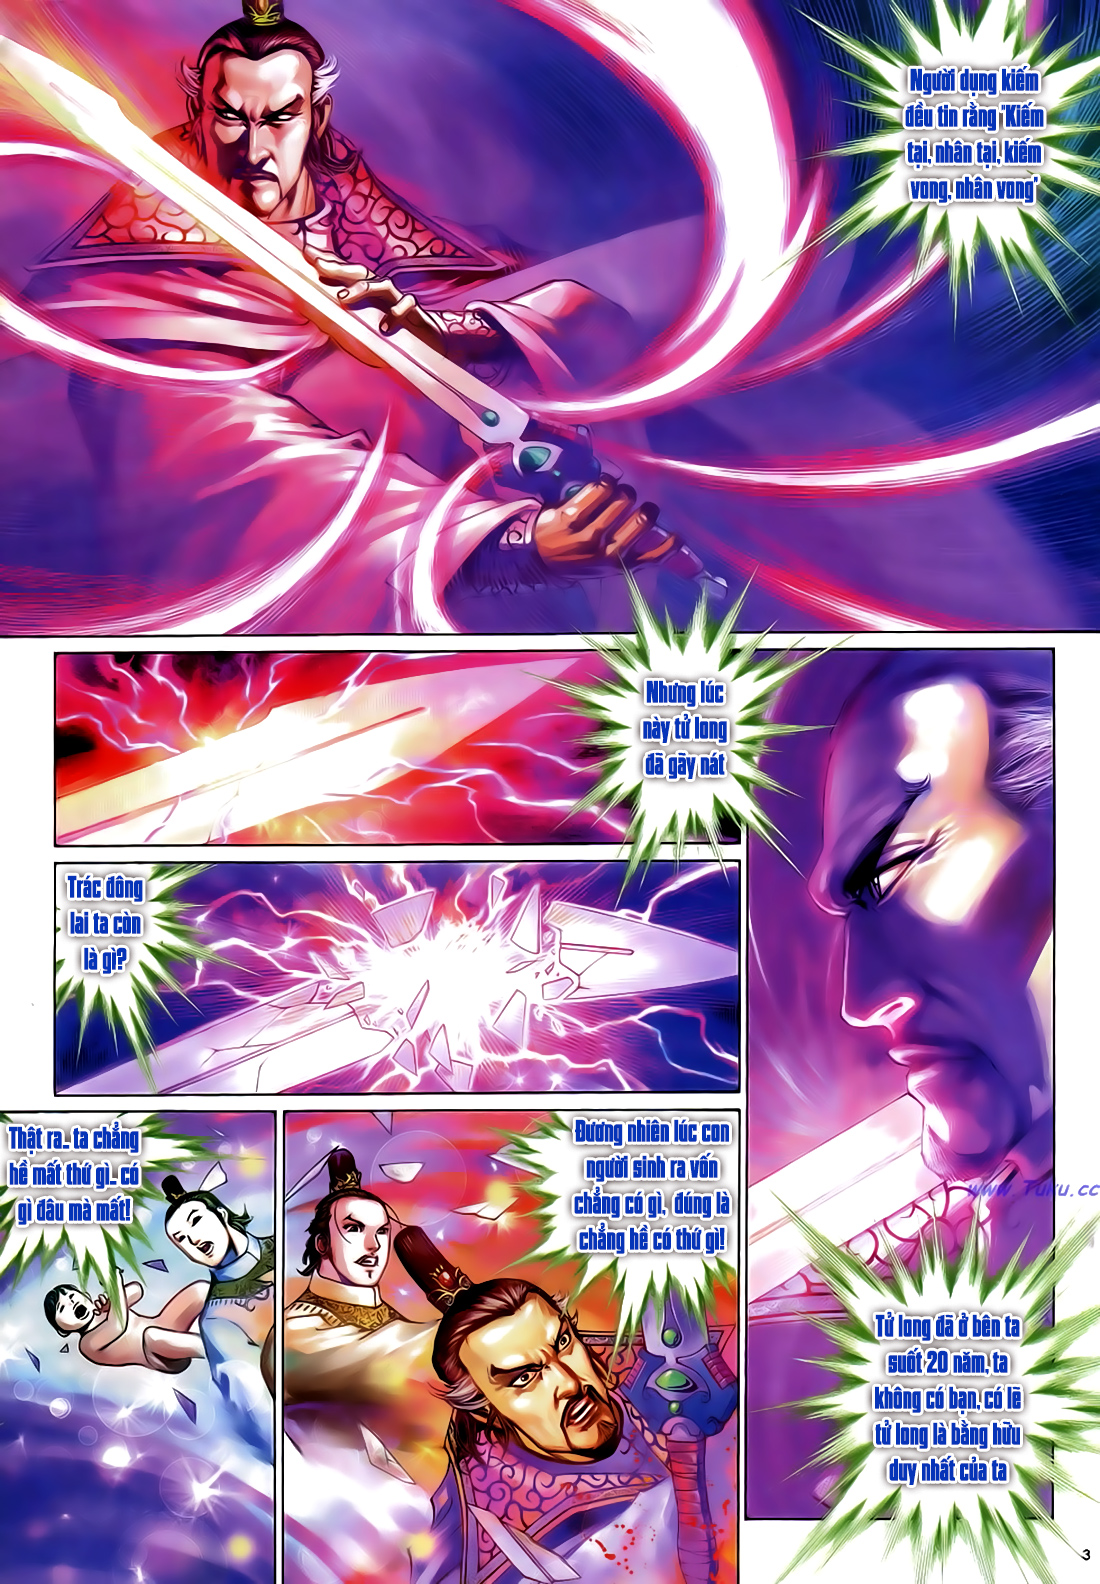 Anh hùng vô lệ Chap 29 trang 4